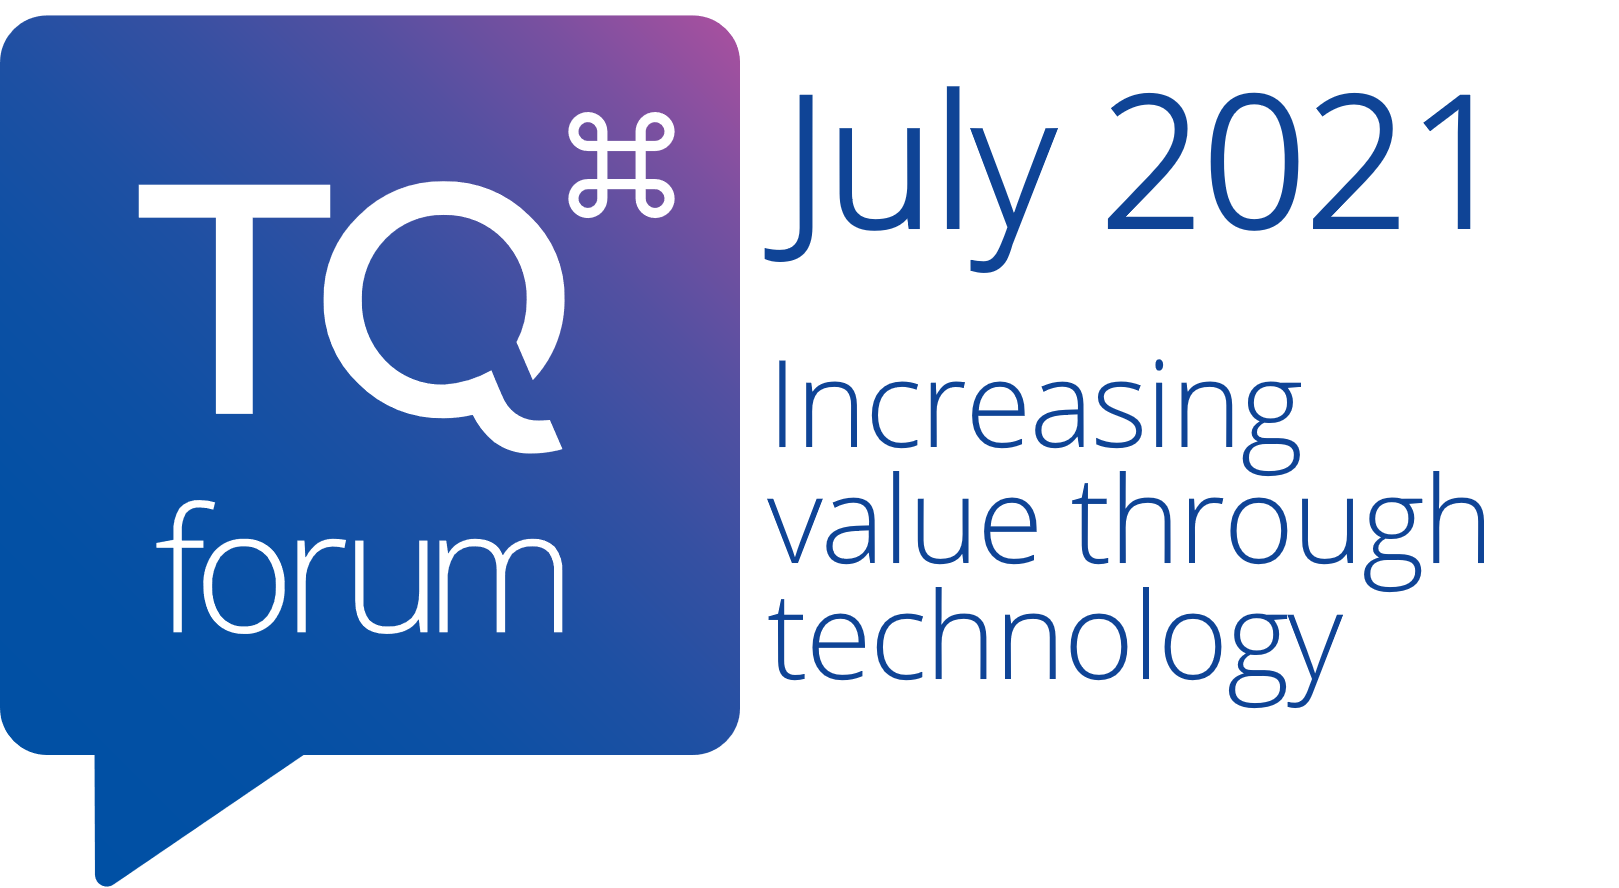 TQ Forum logo - Jul 2021